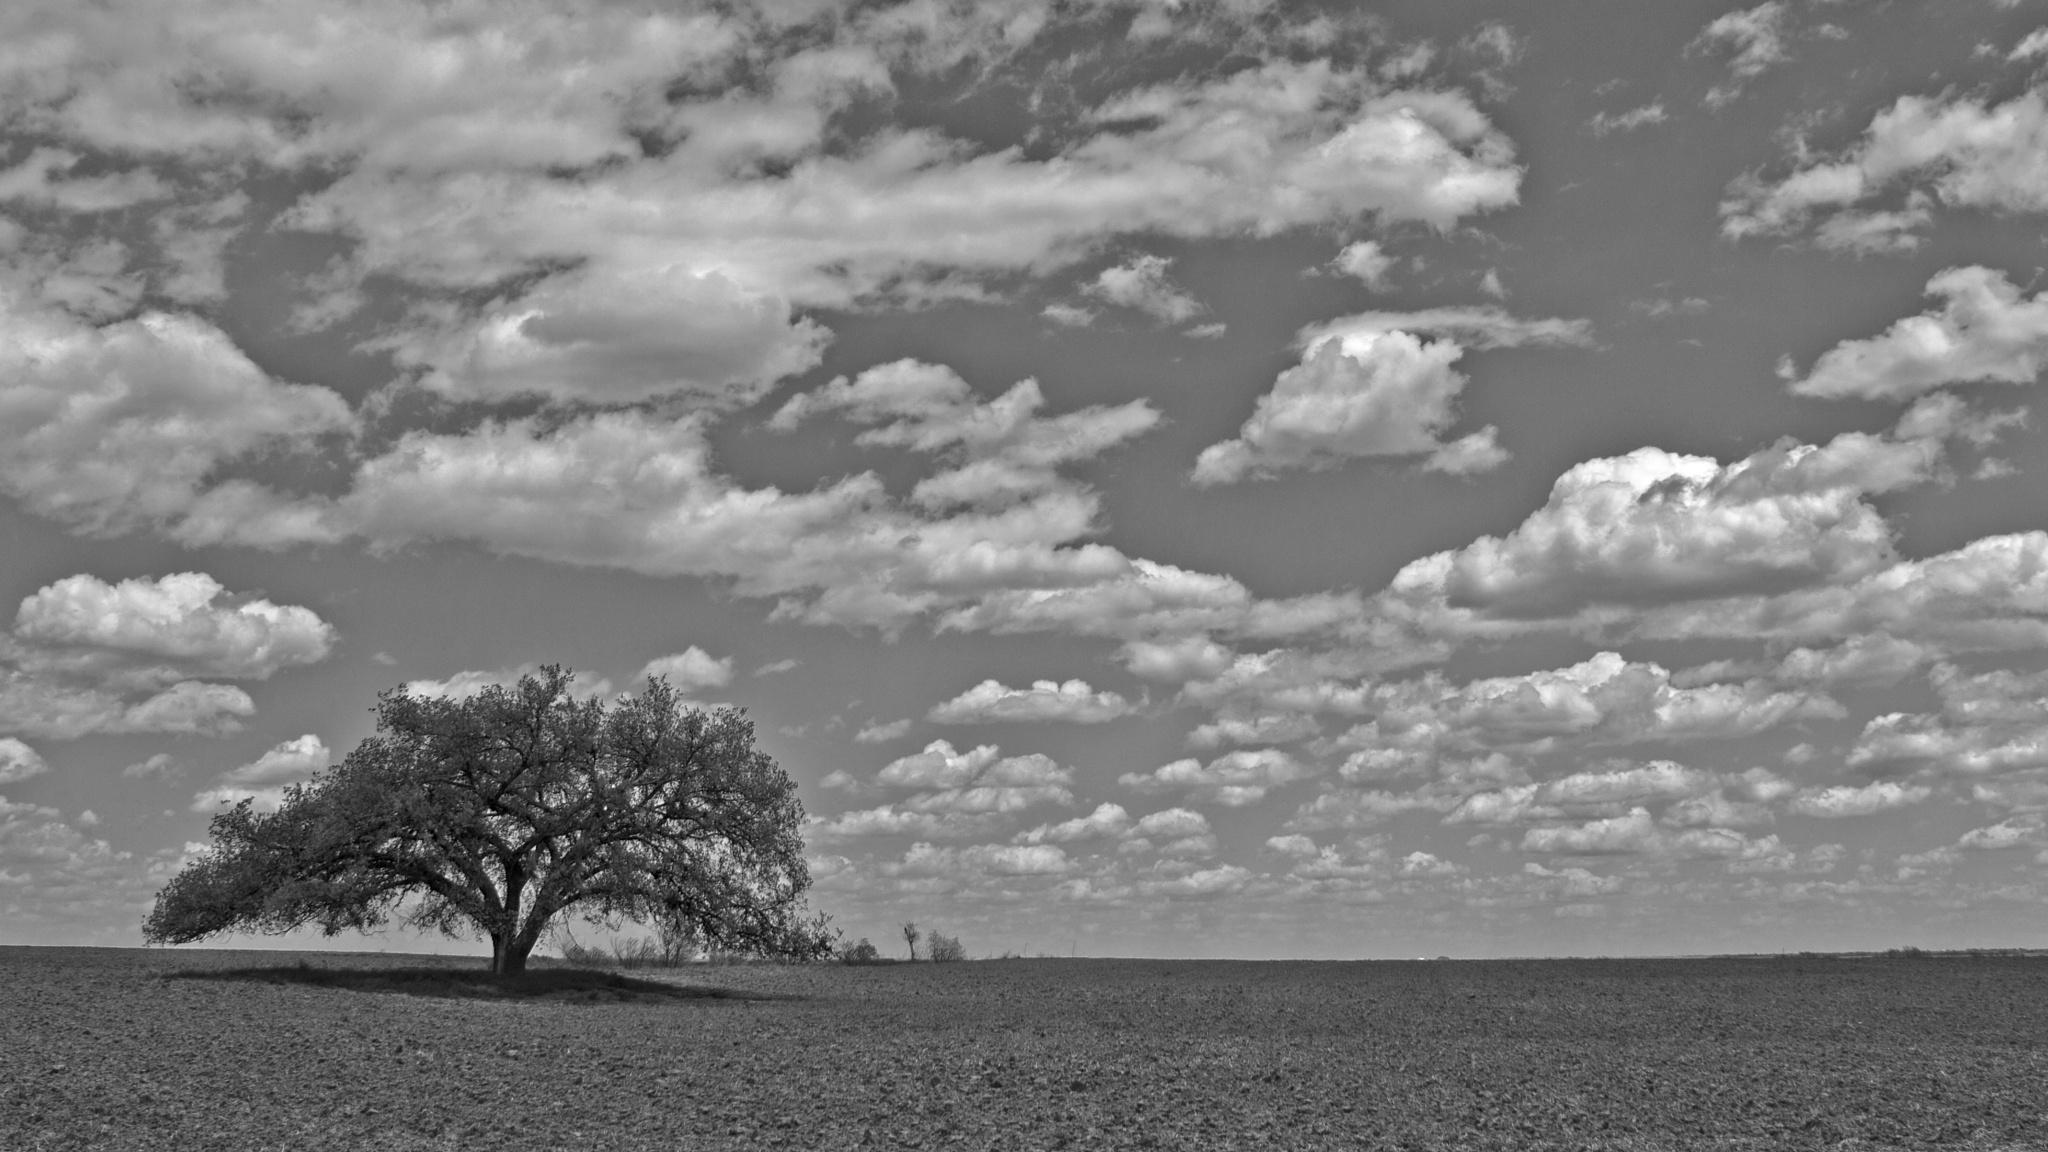 Lone Tree by kraganderson